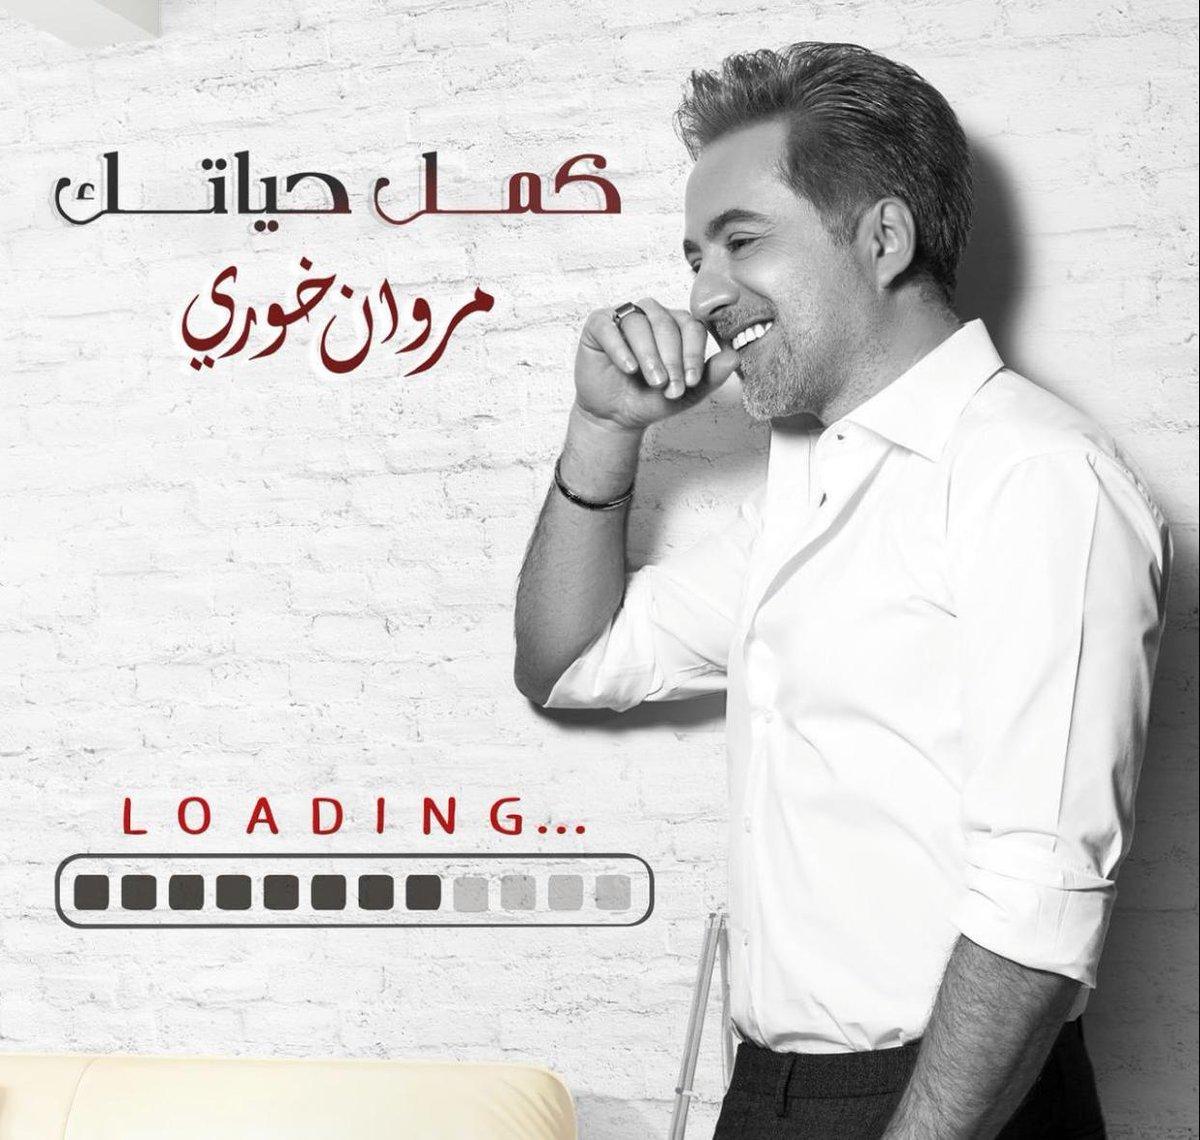 """#مروان_خوري يشوّق جمهوره لأحدث أعماله وهي أغنية بعنوان """"كمل حياتك""""، إذ نشر النجم اللبناني هذه الصورة واكتفى بتعليق: """"انتظروا جديدي – كمل حياتك""""، من دون ذكر أي تفاصيل أخرى! #زهرة_الخليج_تلهمنا #زهرة_الخليج_يوليو2020 @iMarwanKhoury https://t.co/36tvwUSdPi"""